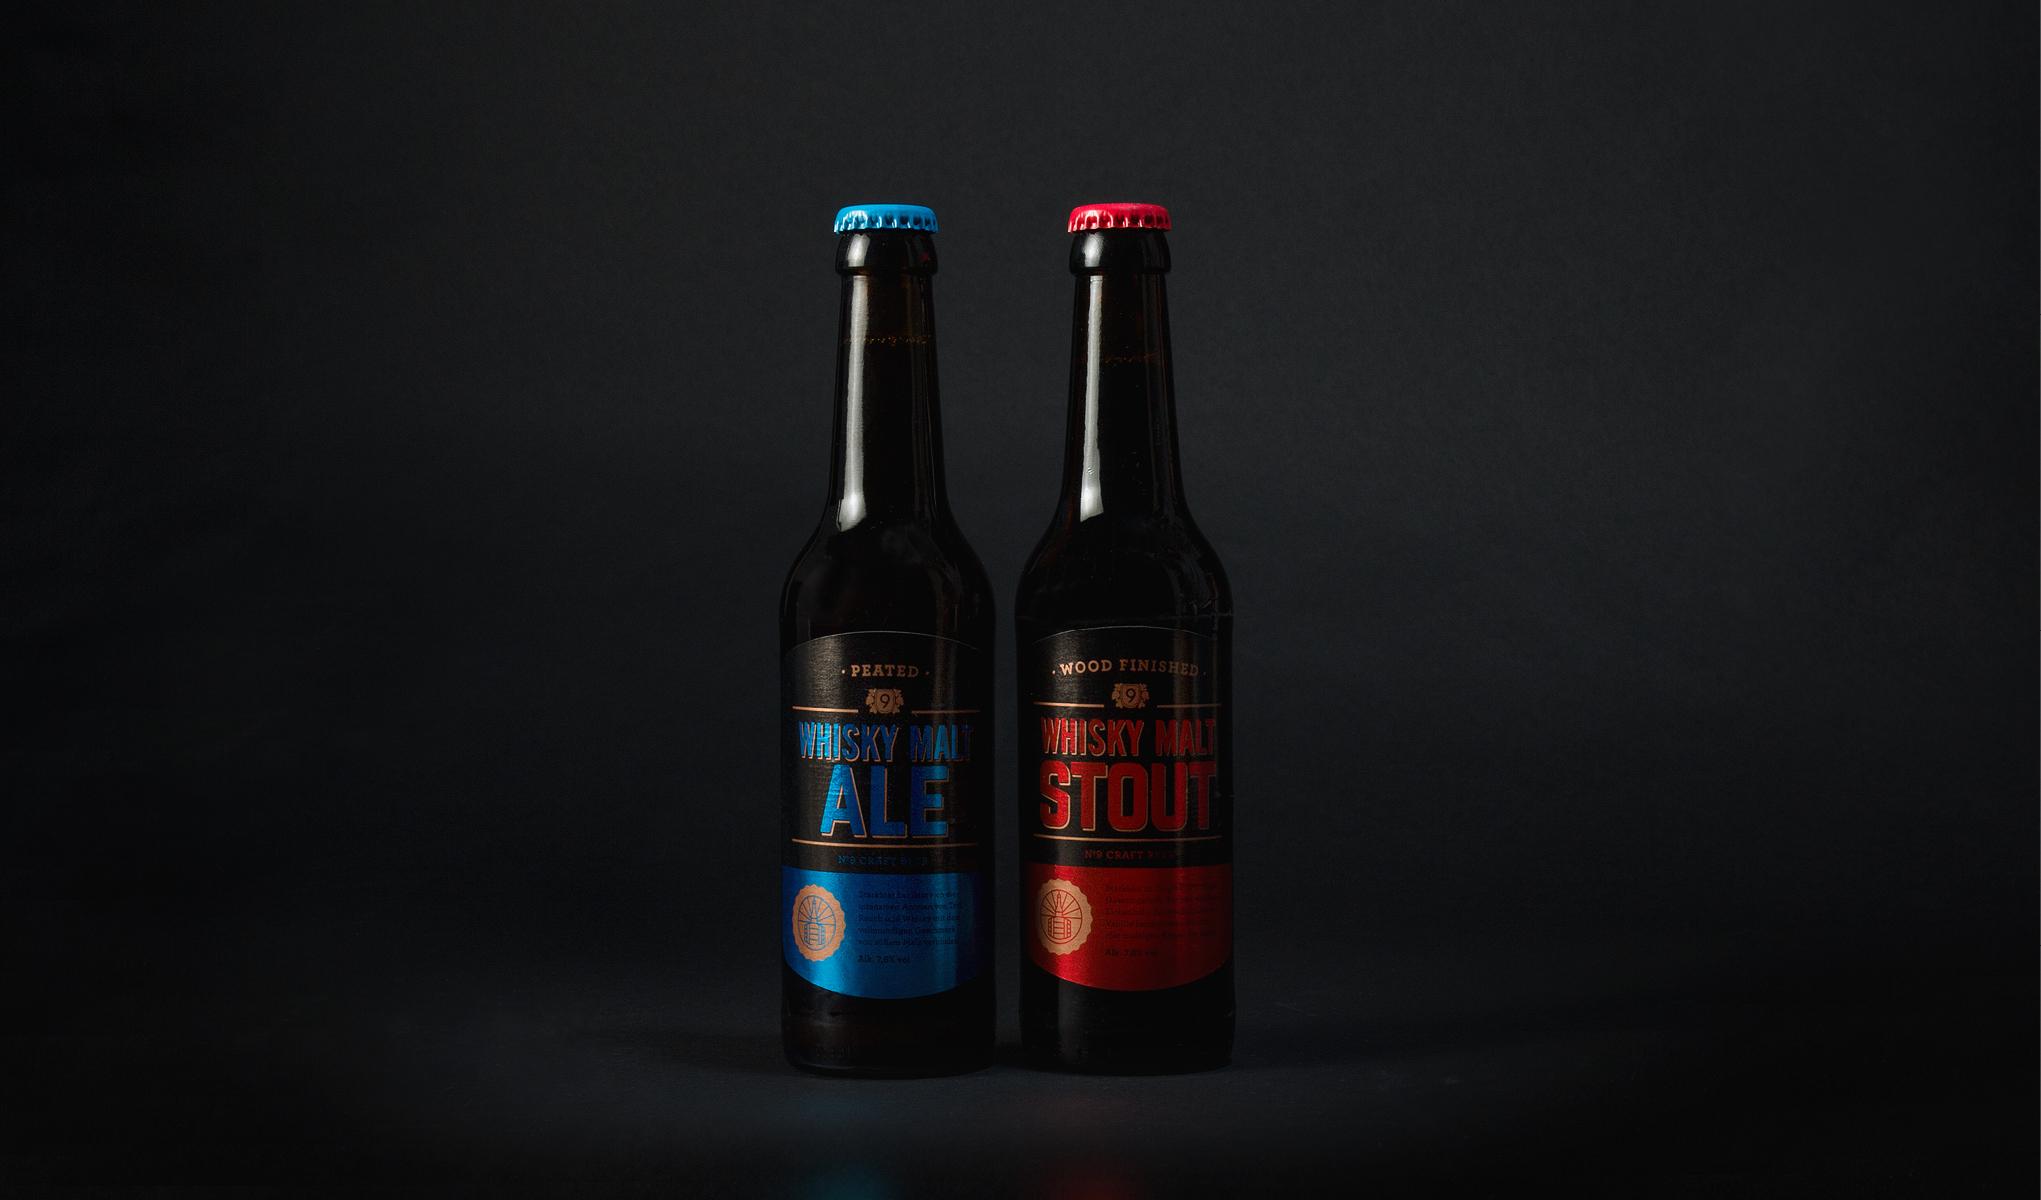 Die zwei neuen Designs des Whiskybiers der Brauerei Neunspringe.